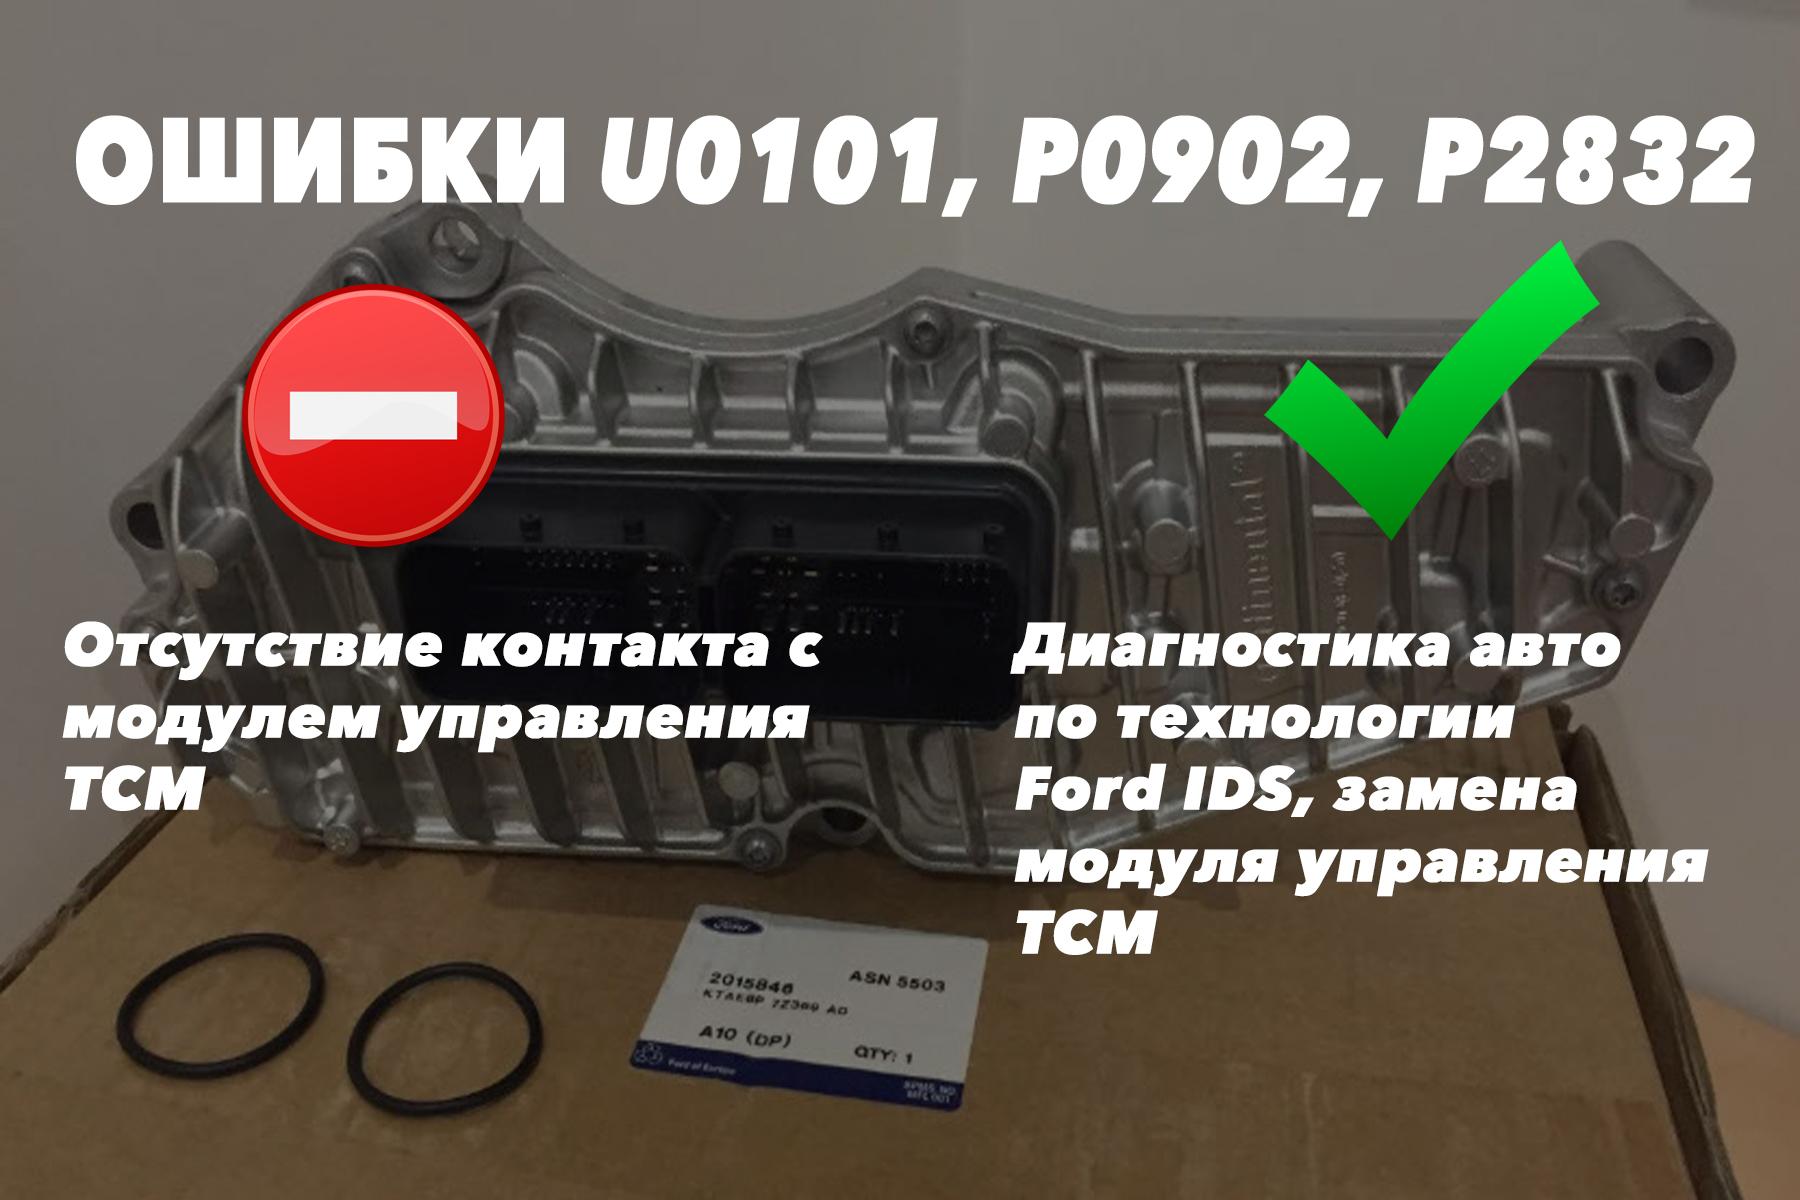 Форд Фокус 3 ошибки U0101, P0902, P2832 – отсутствие контакта с модулем управления TCM